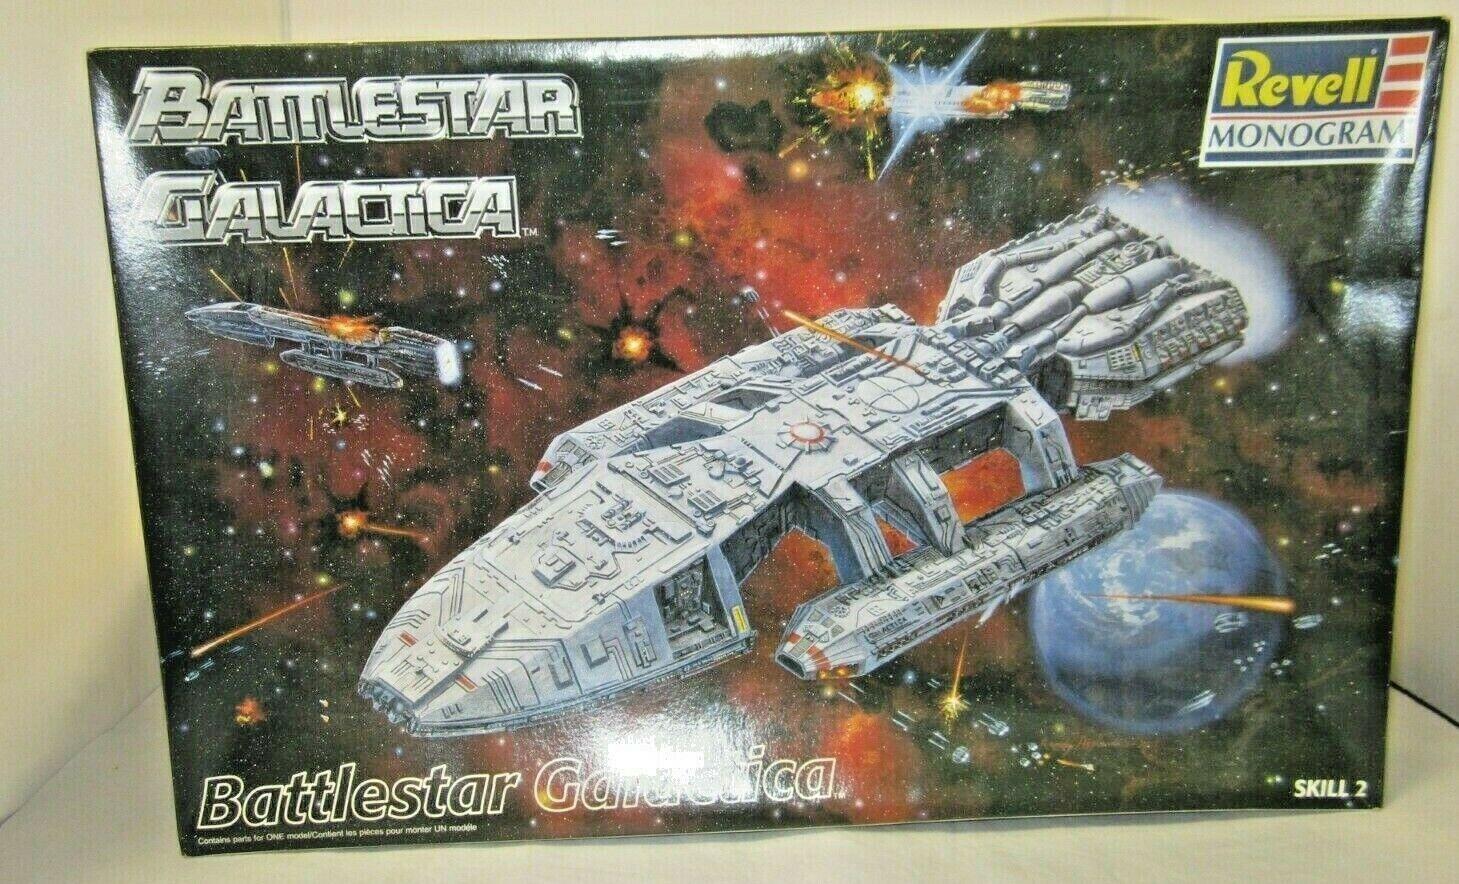 slåssstjärna Galactica modellllerlerl Kit Revell Monogram 1997 modellllerlerl